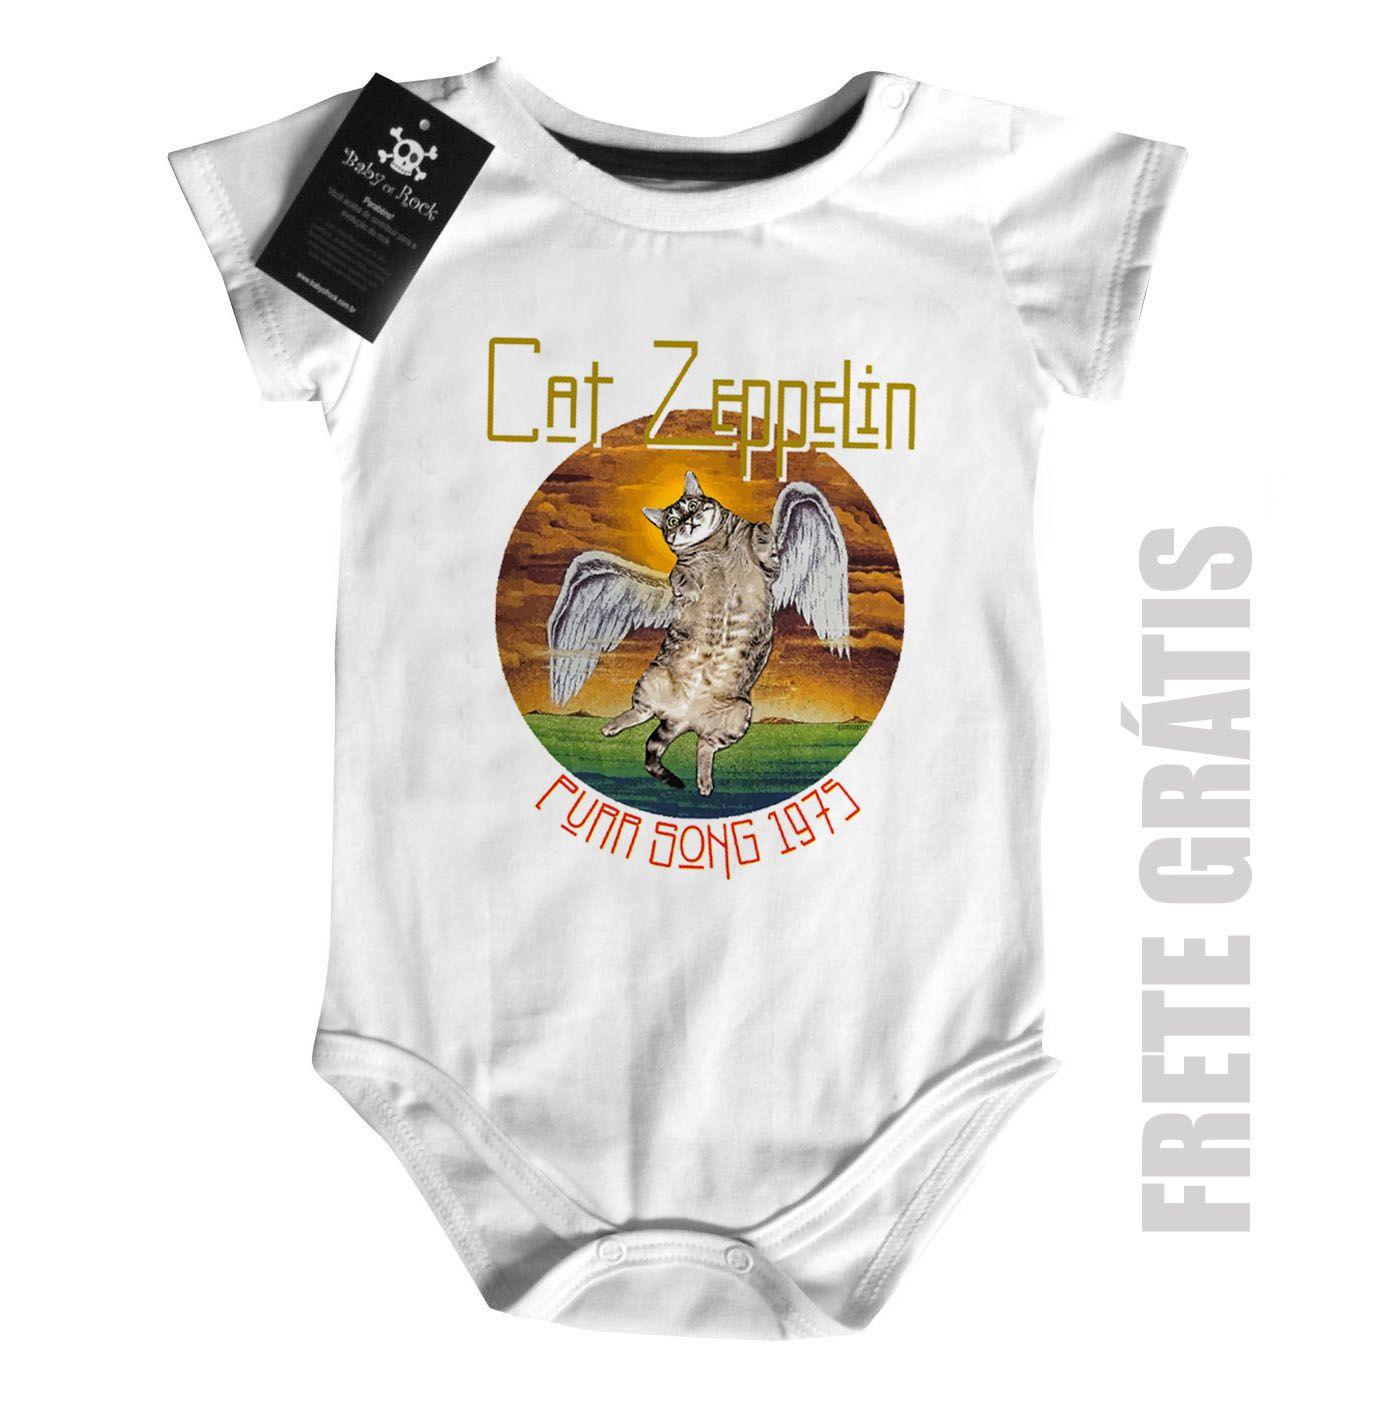 Body Rock  Cat Zeppelin Cute - White  - Baby Monster S/A